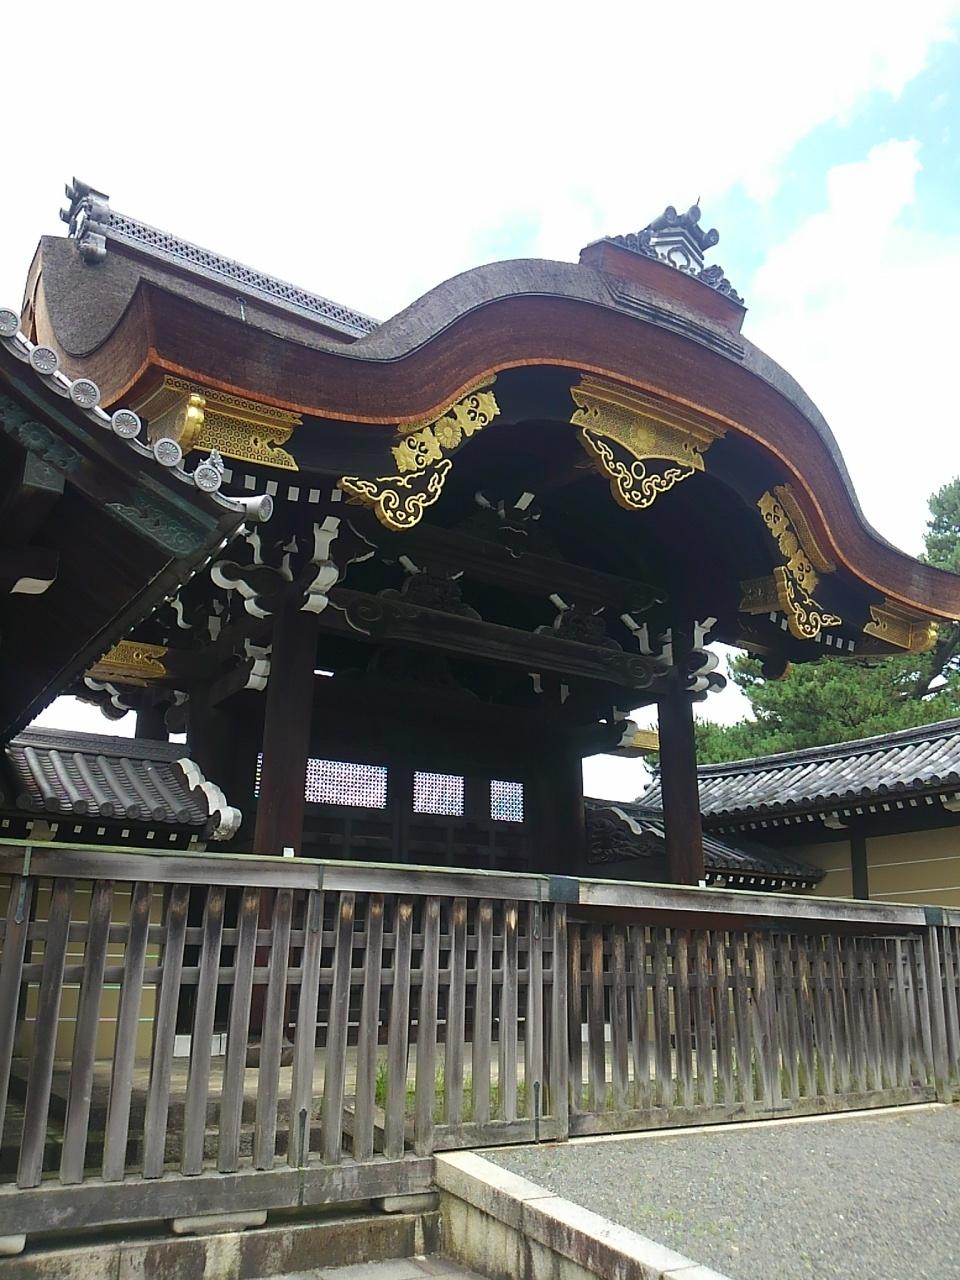 京都B級グルメ&カフェめぐり 2日目_d0083442_22251641.jpg